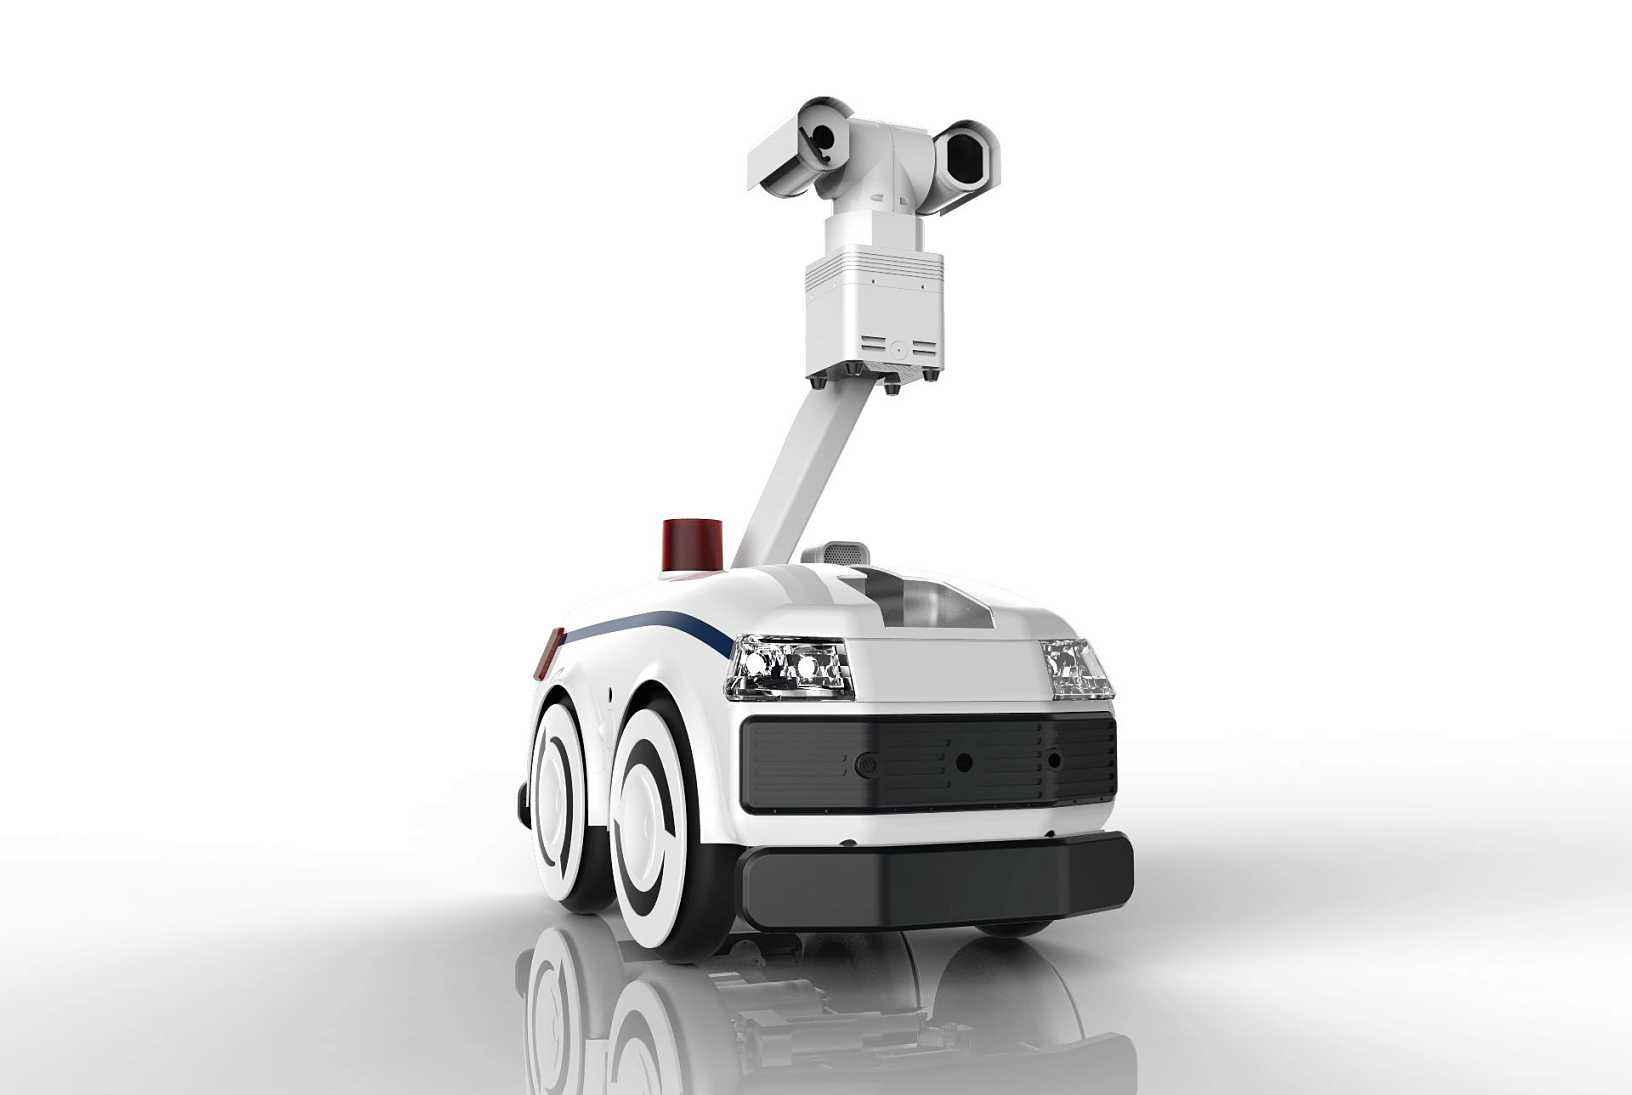 一带一路倒计时 巡检机器人保驾护航